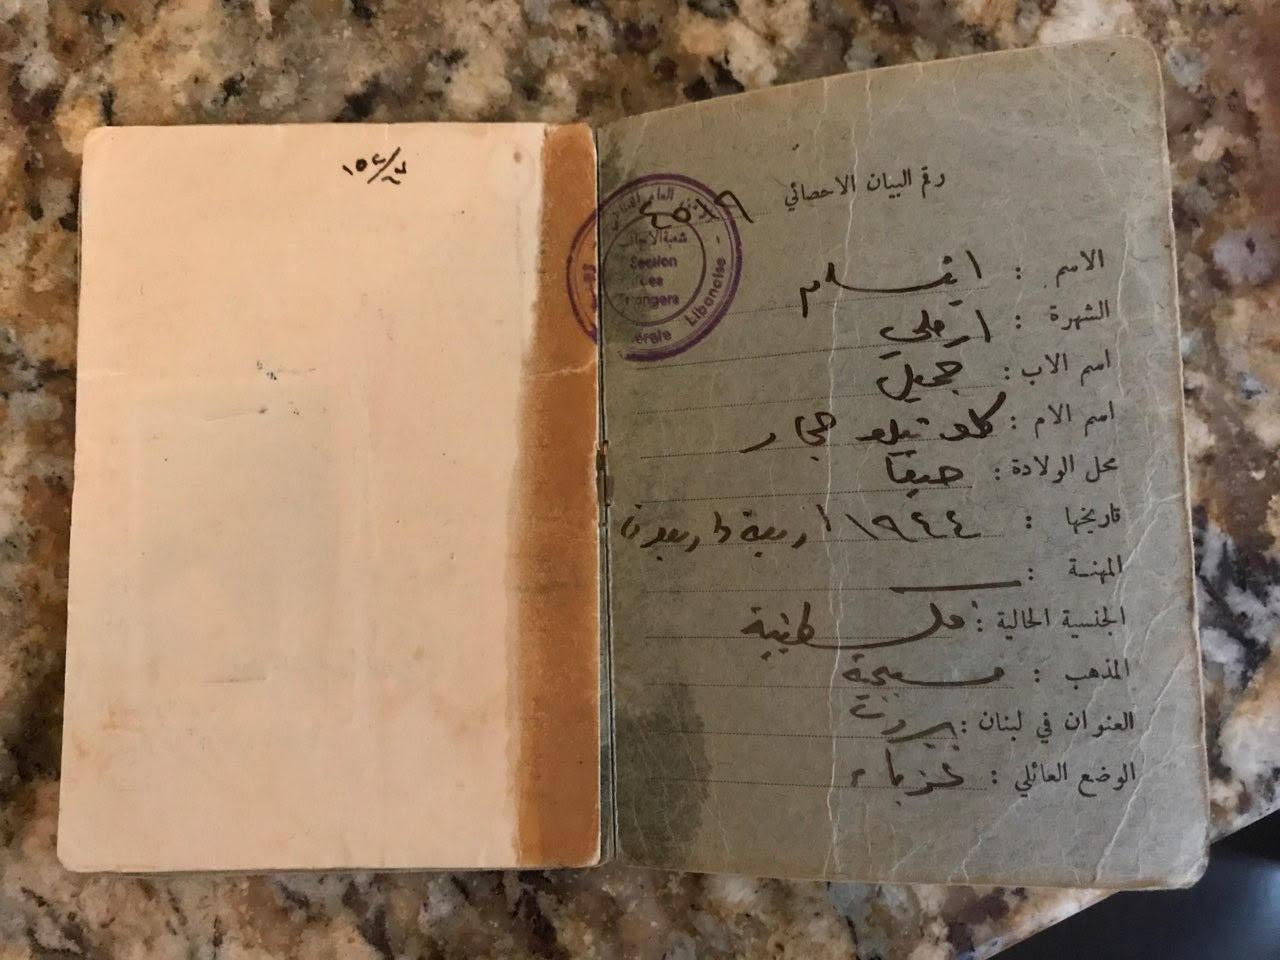 Ibtissam's Palestinian ID